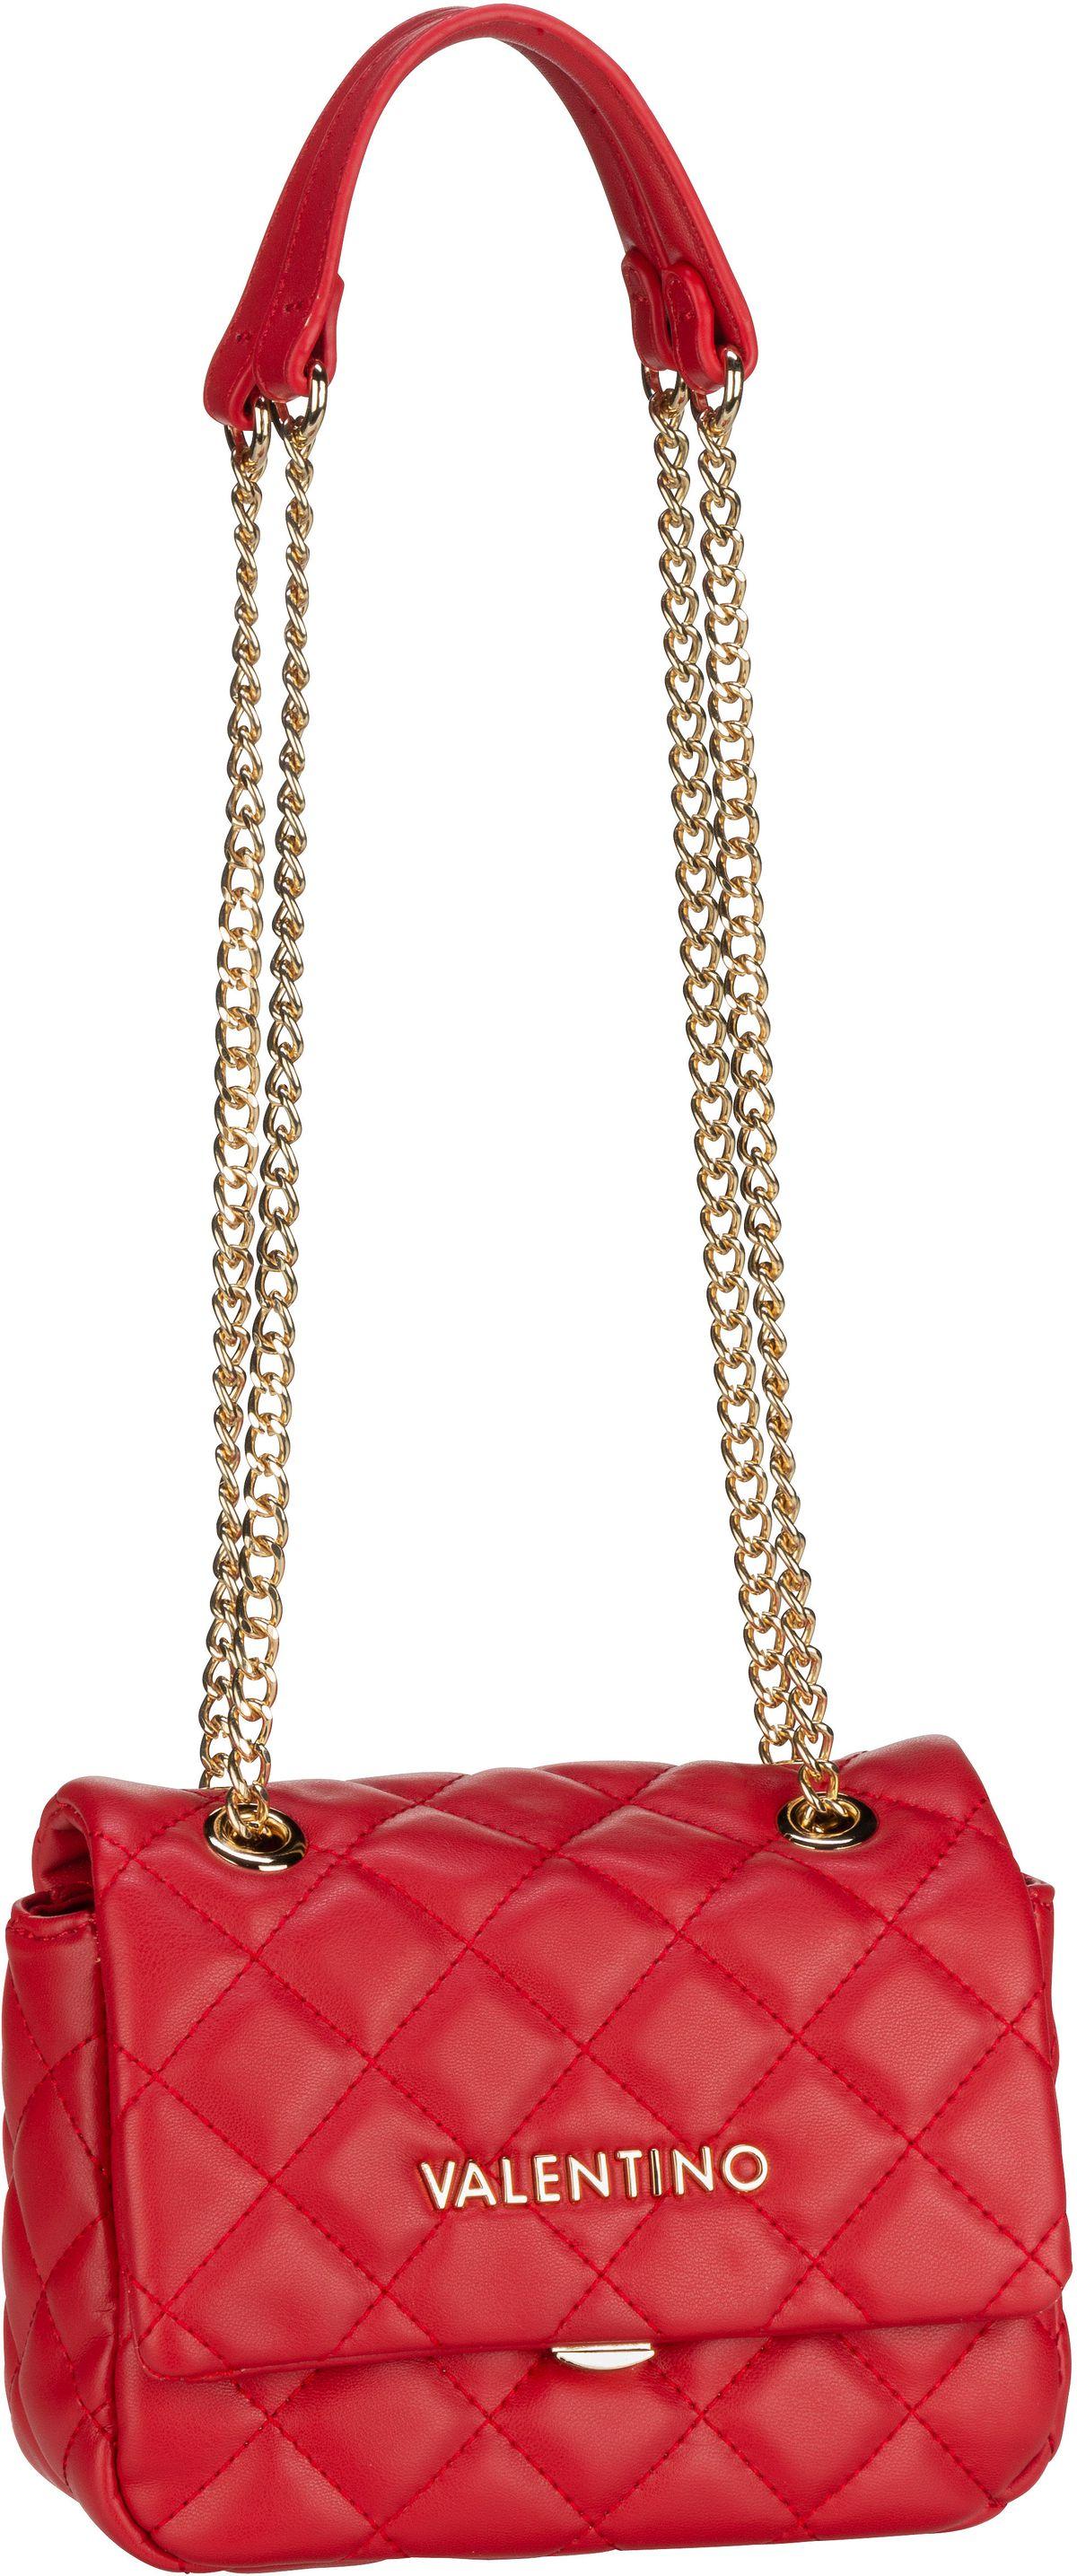 Bags Handtasche Ocarina Pattina K05 Rosso